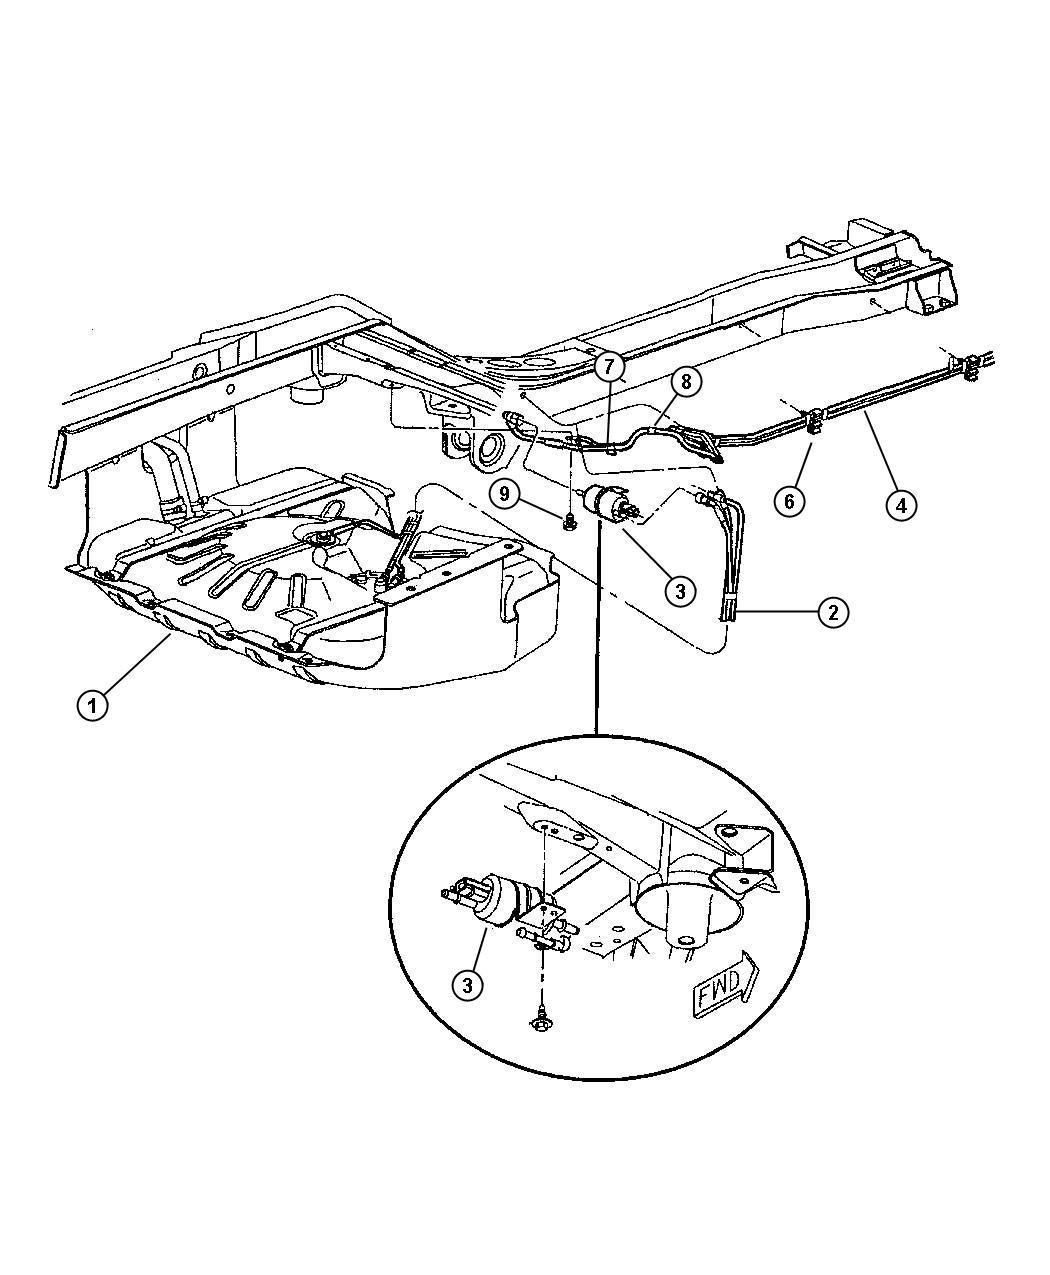 2001 jeep grand cherokee fuel lines  rear  eva